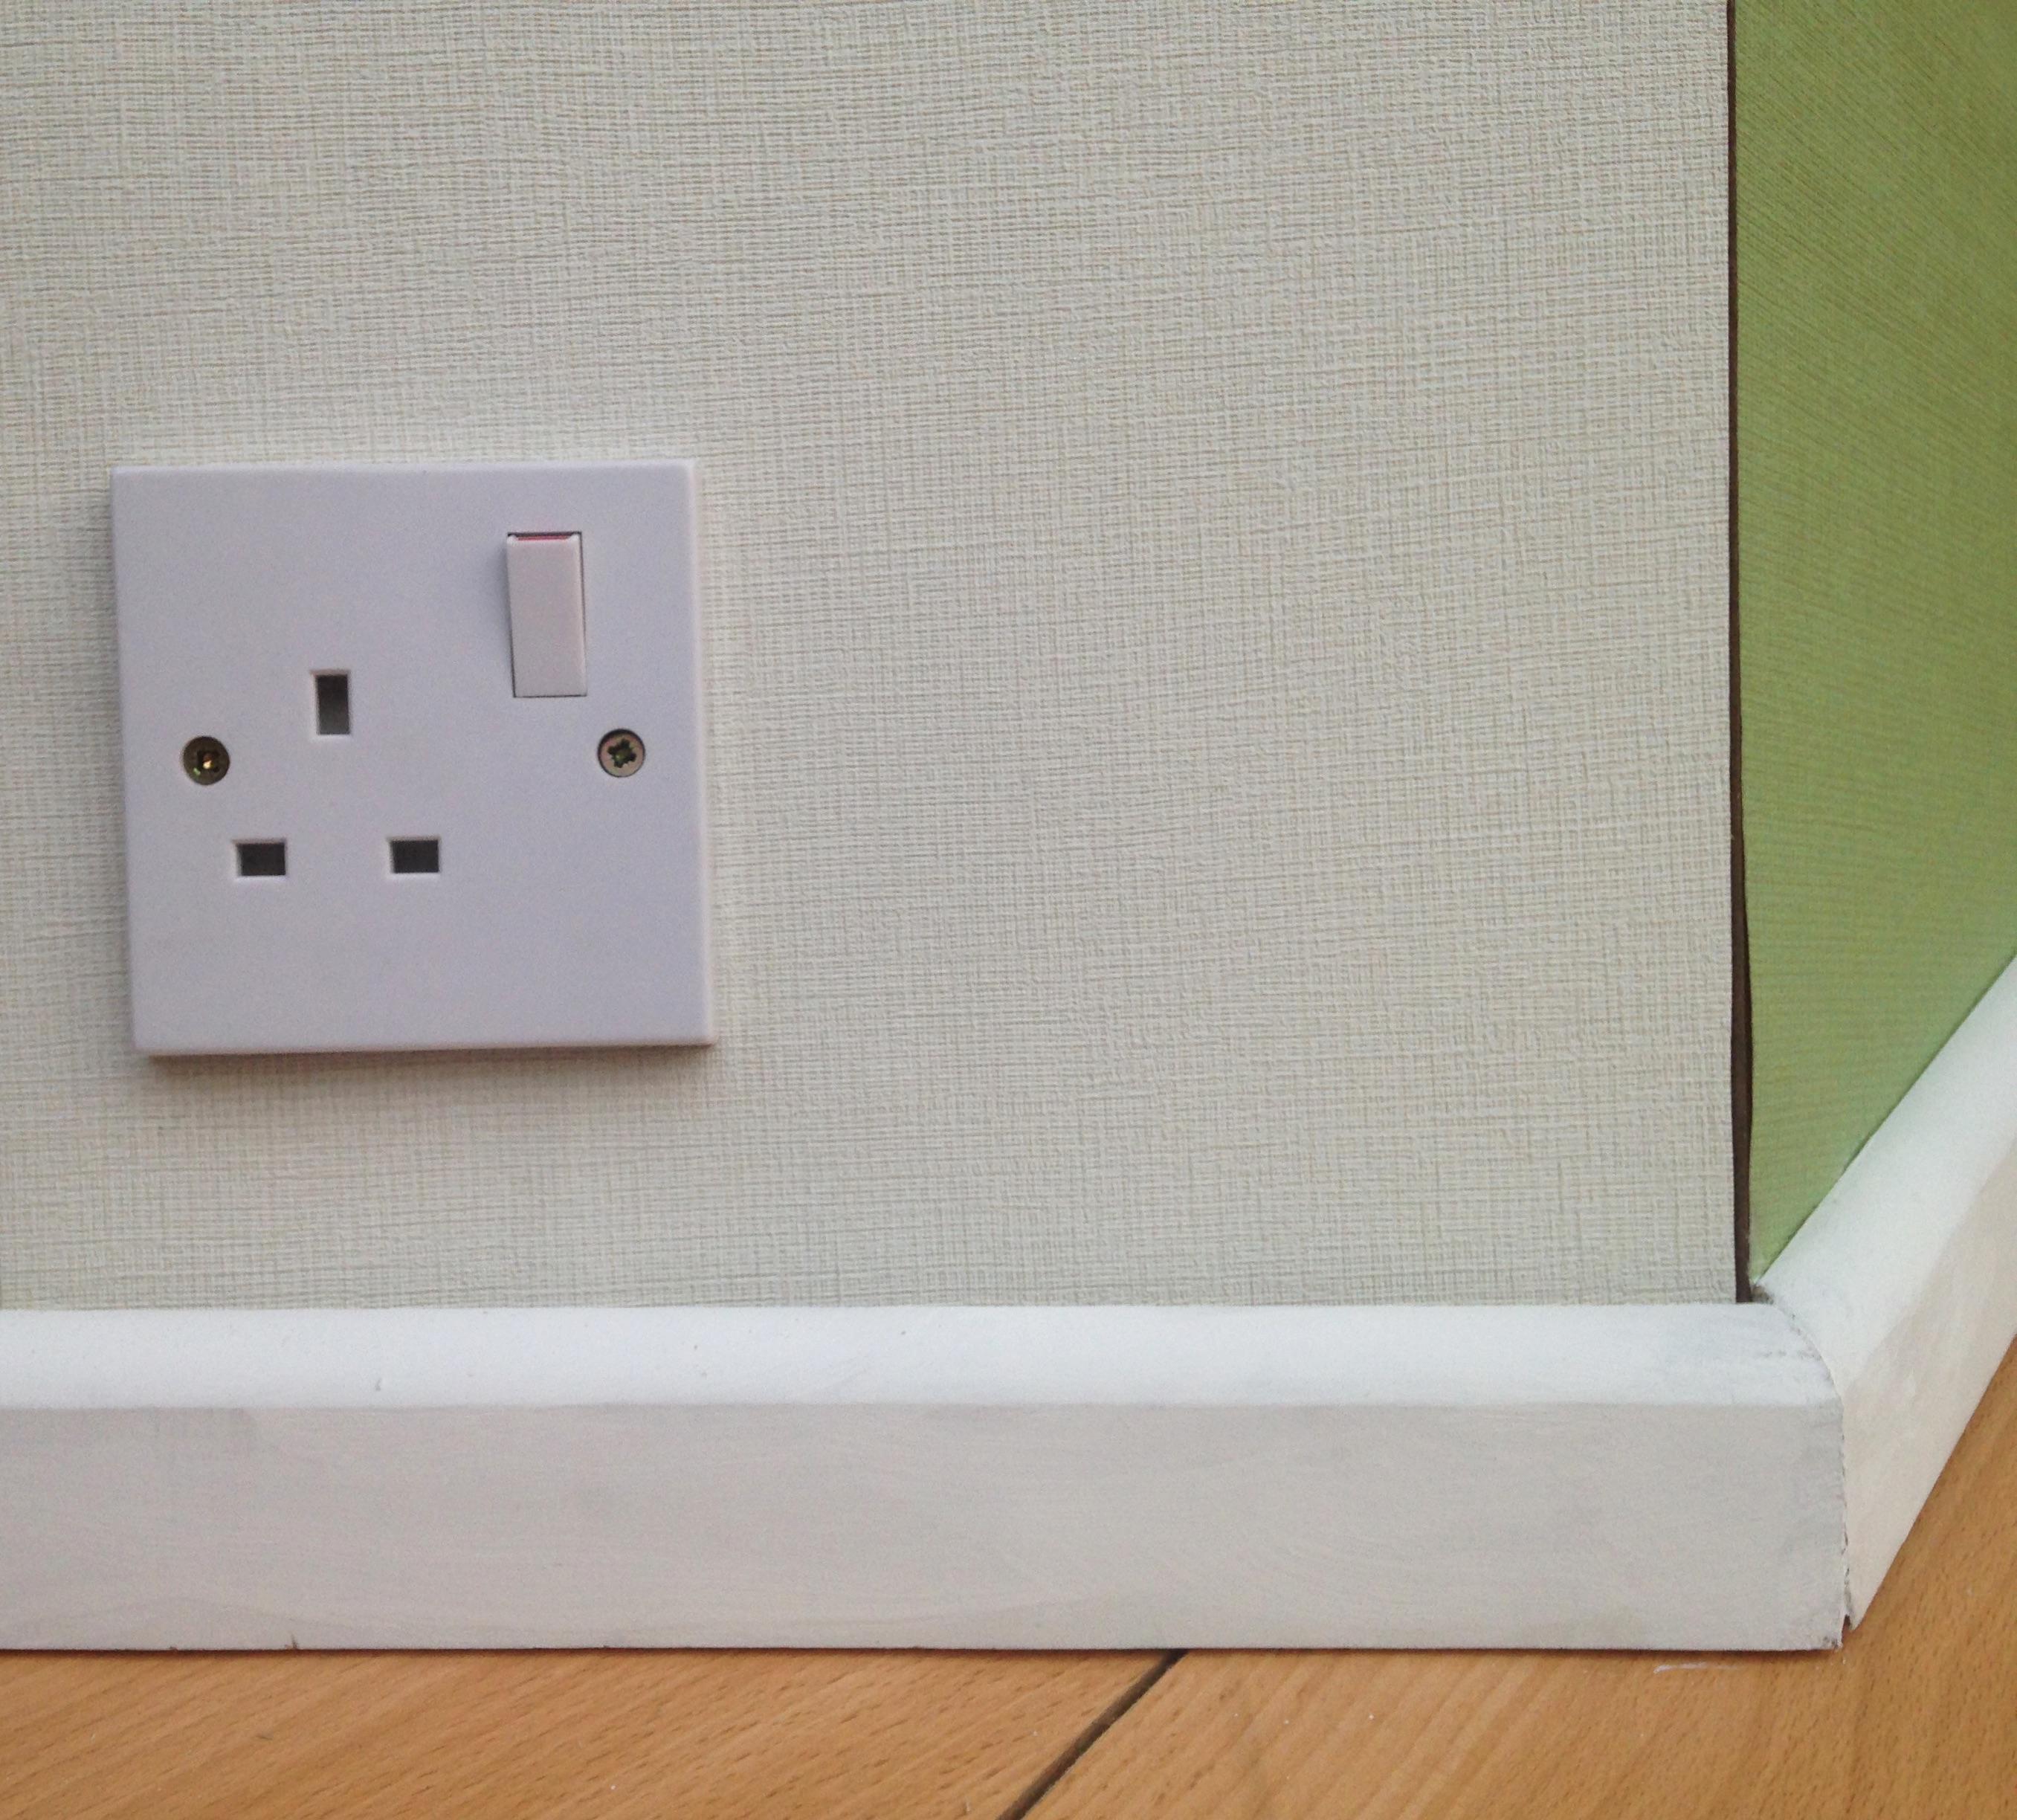 6 plug